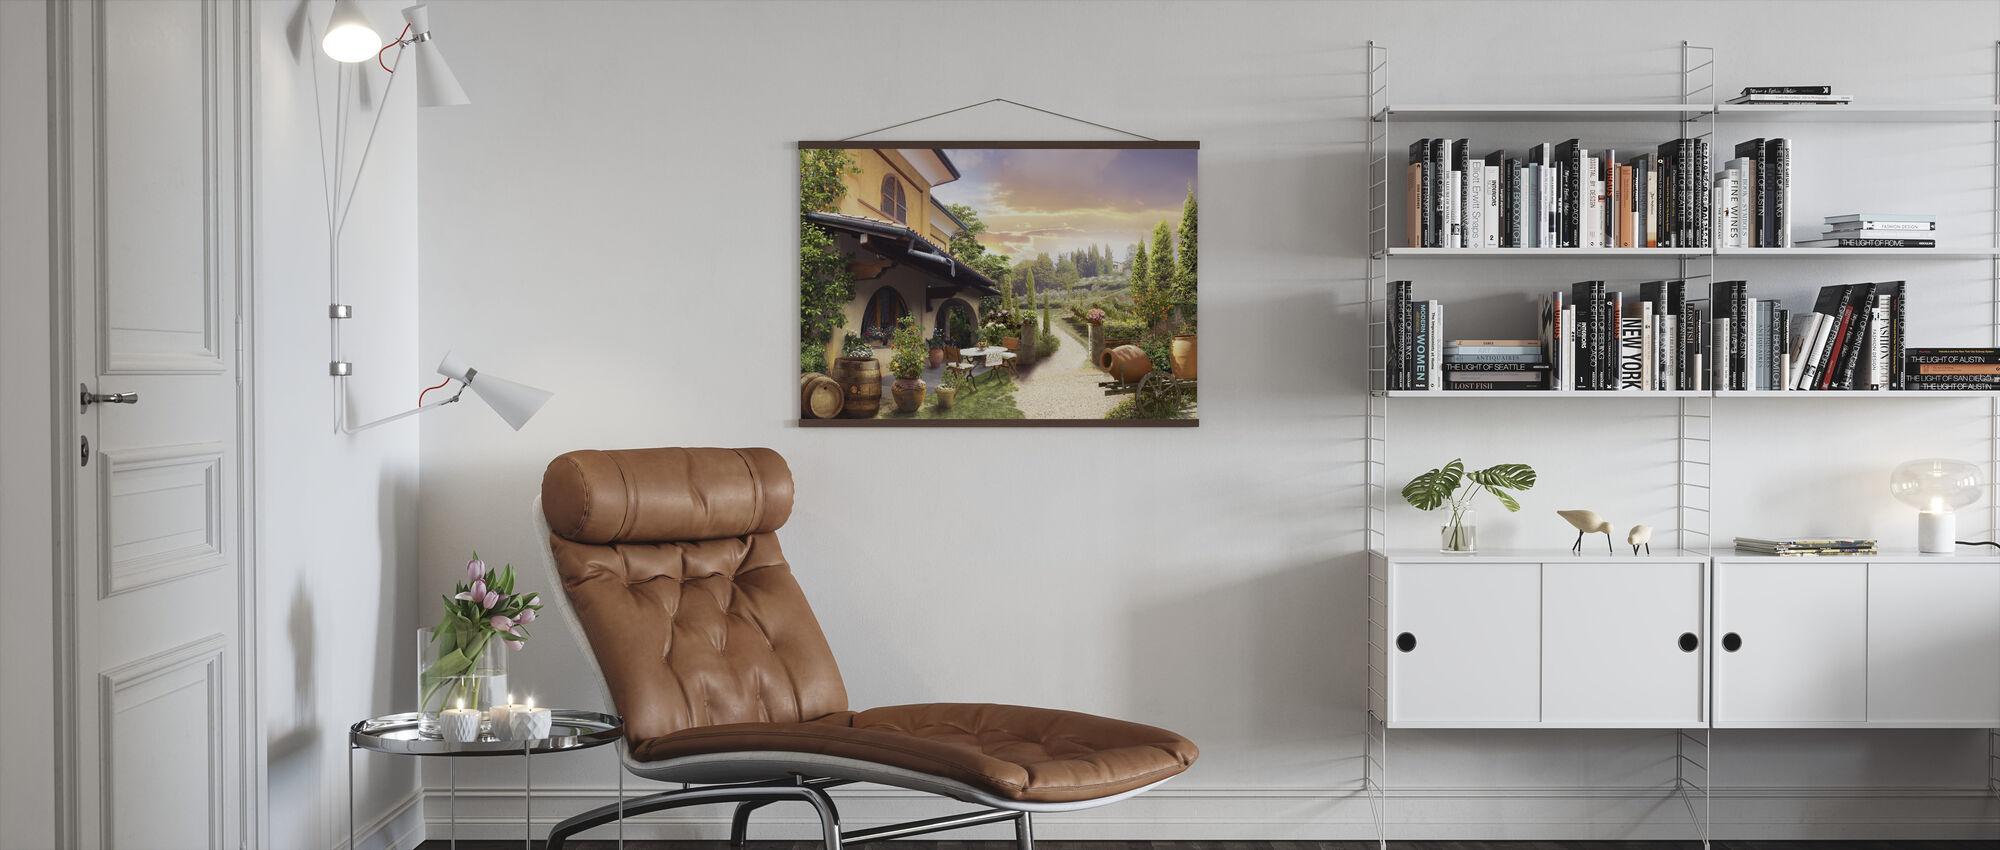 Talo: 160 m² - Juliste - Olohuone